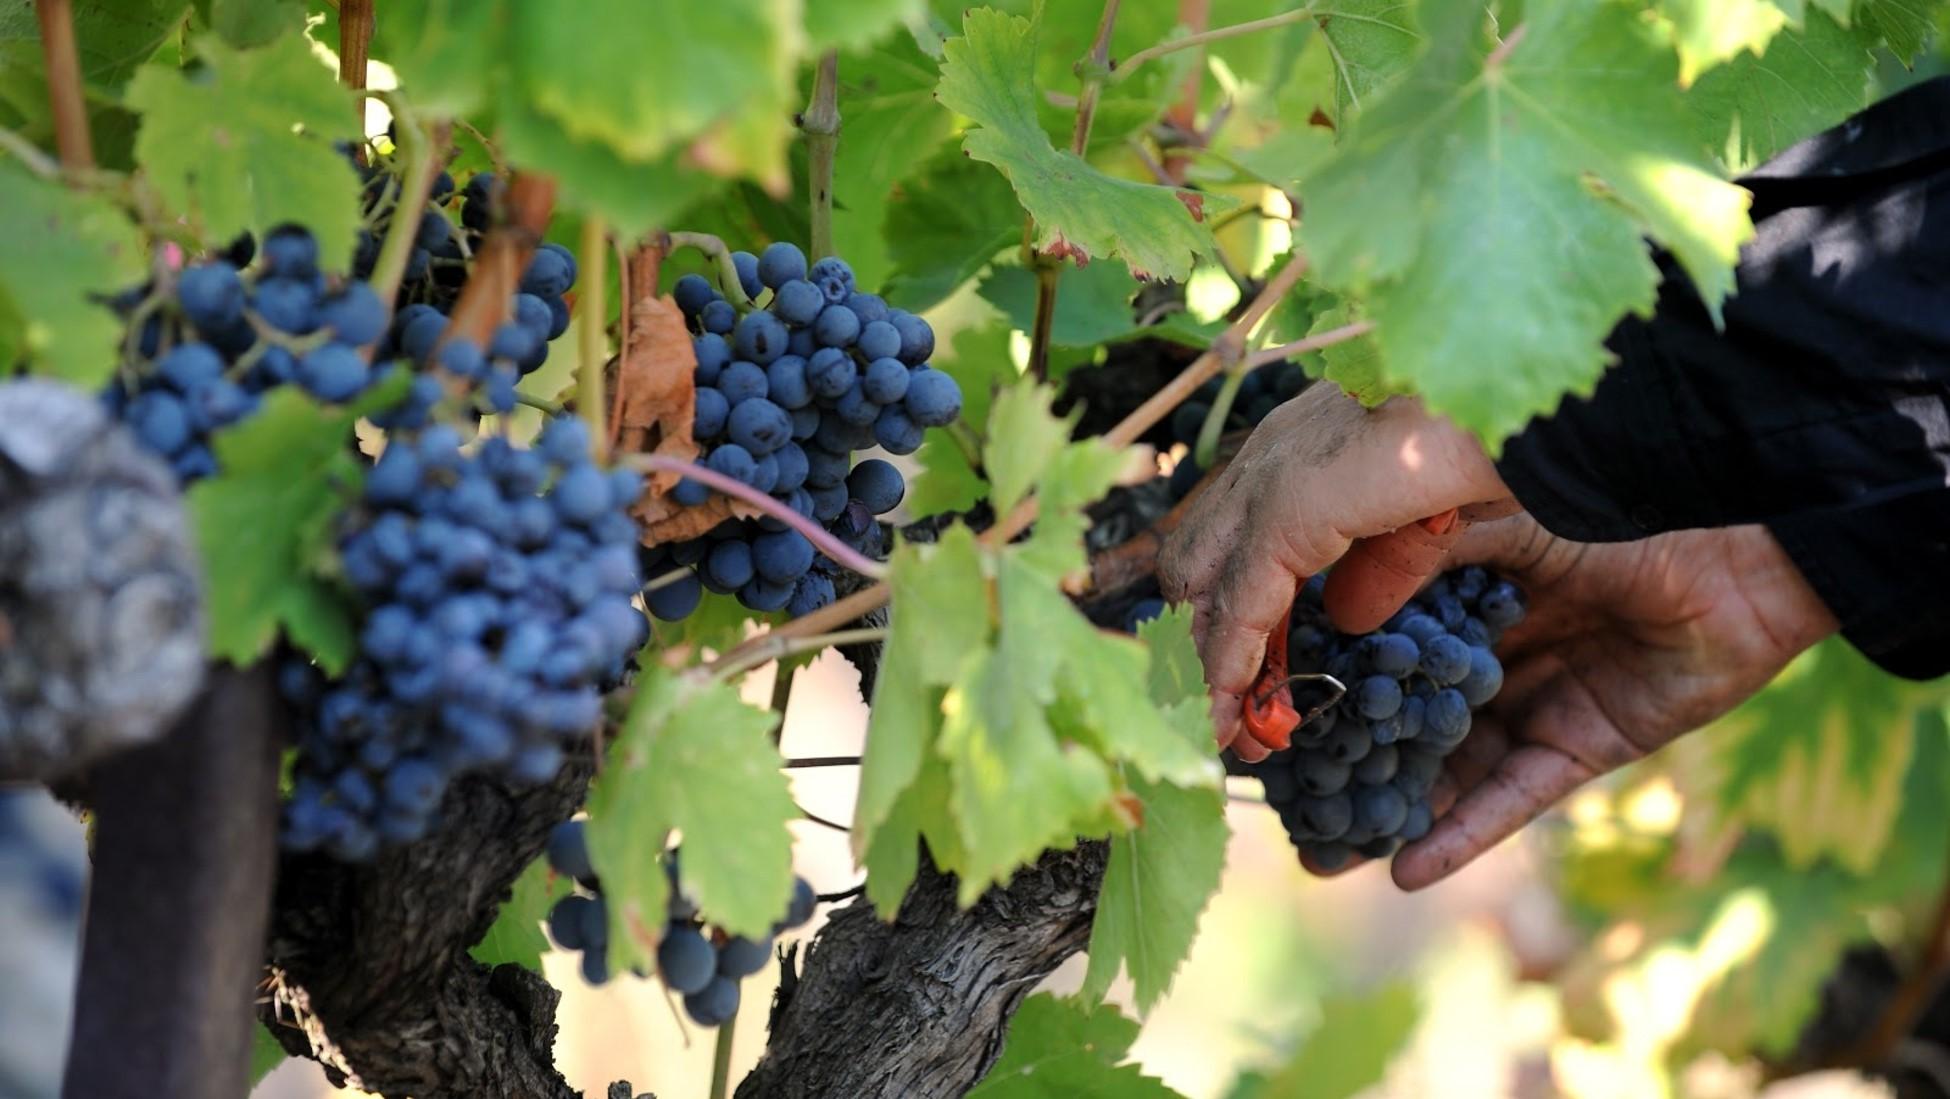 La récolte se fait toujours à la main dans de nombreux endroits et représente un travail ardu.